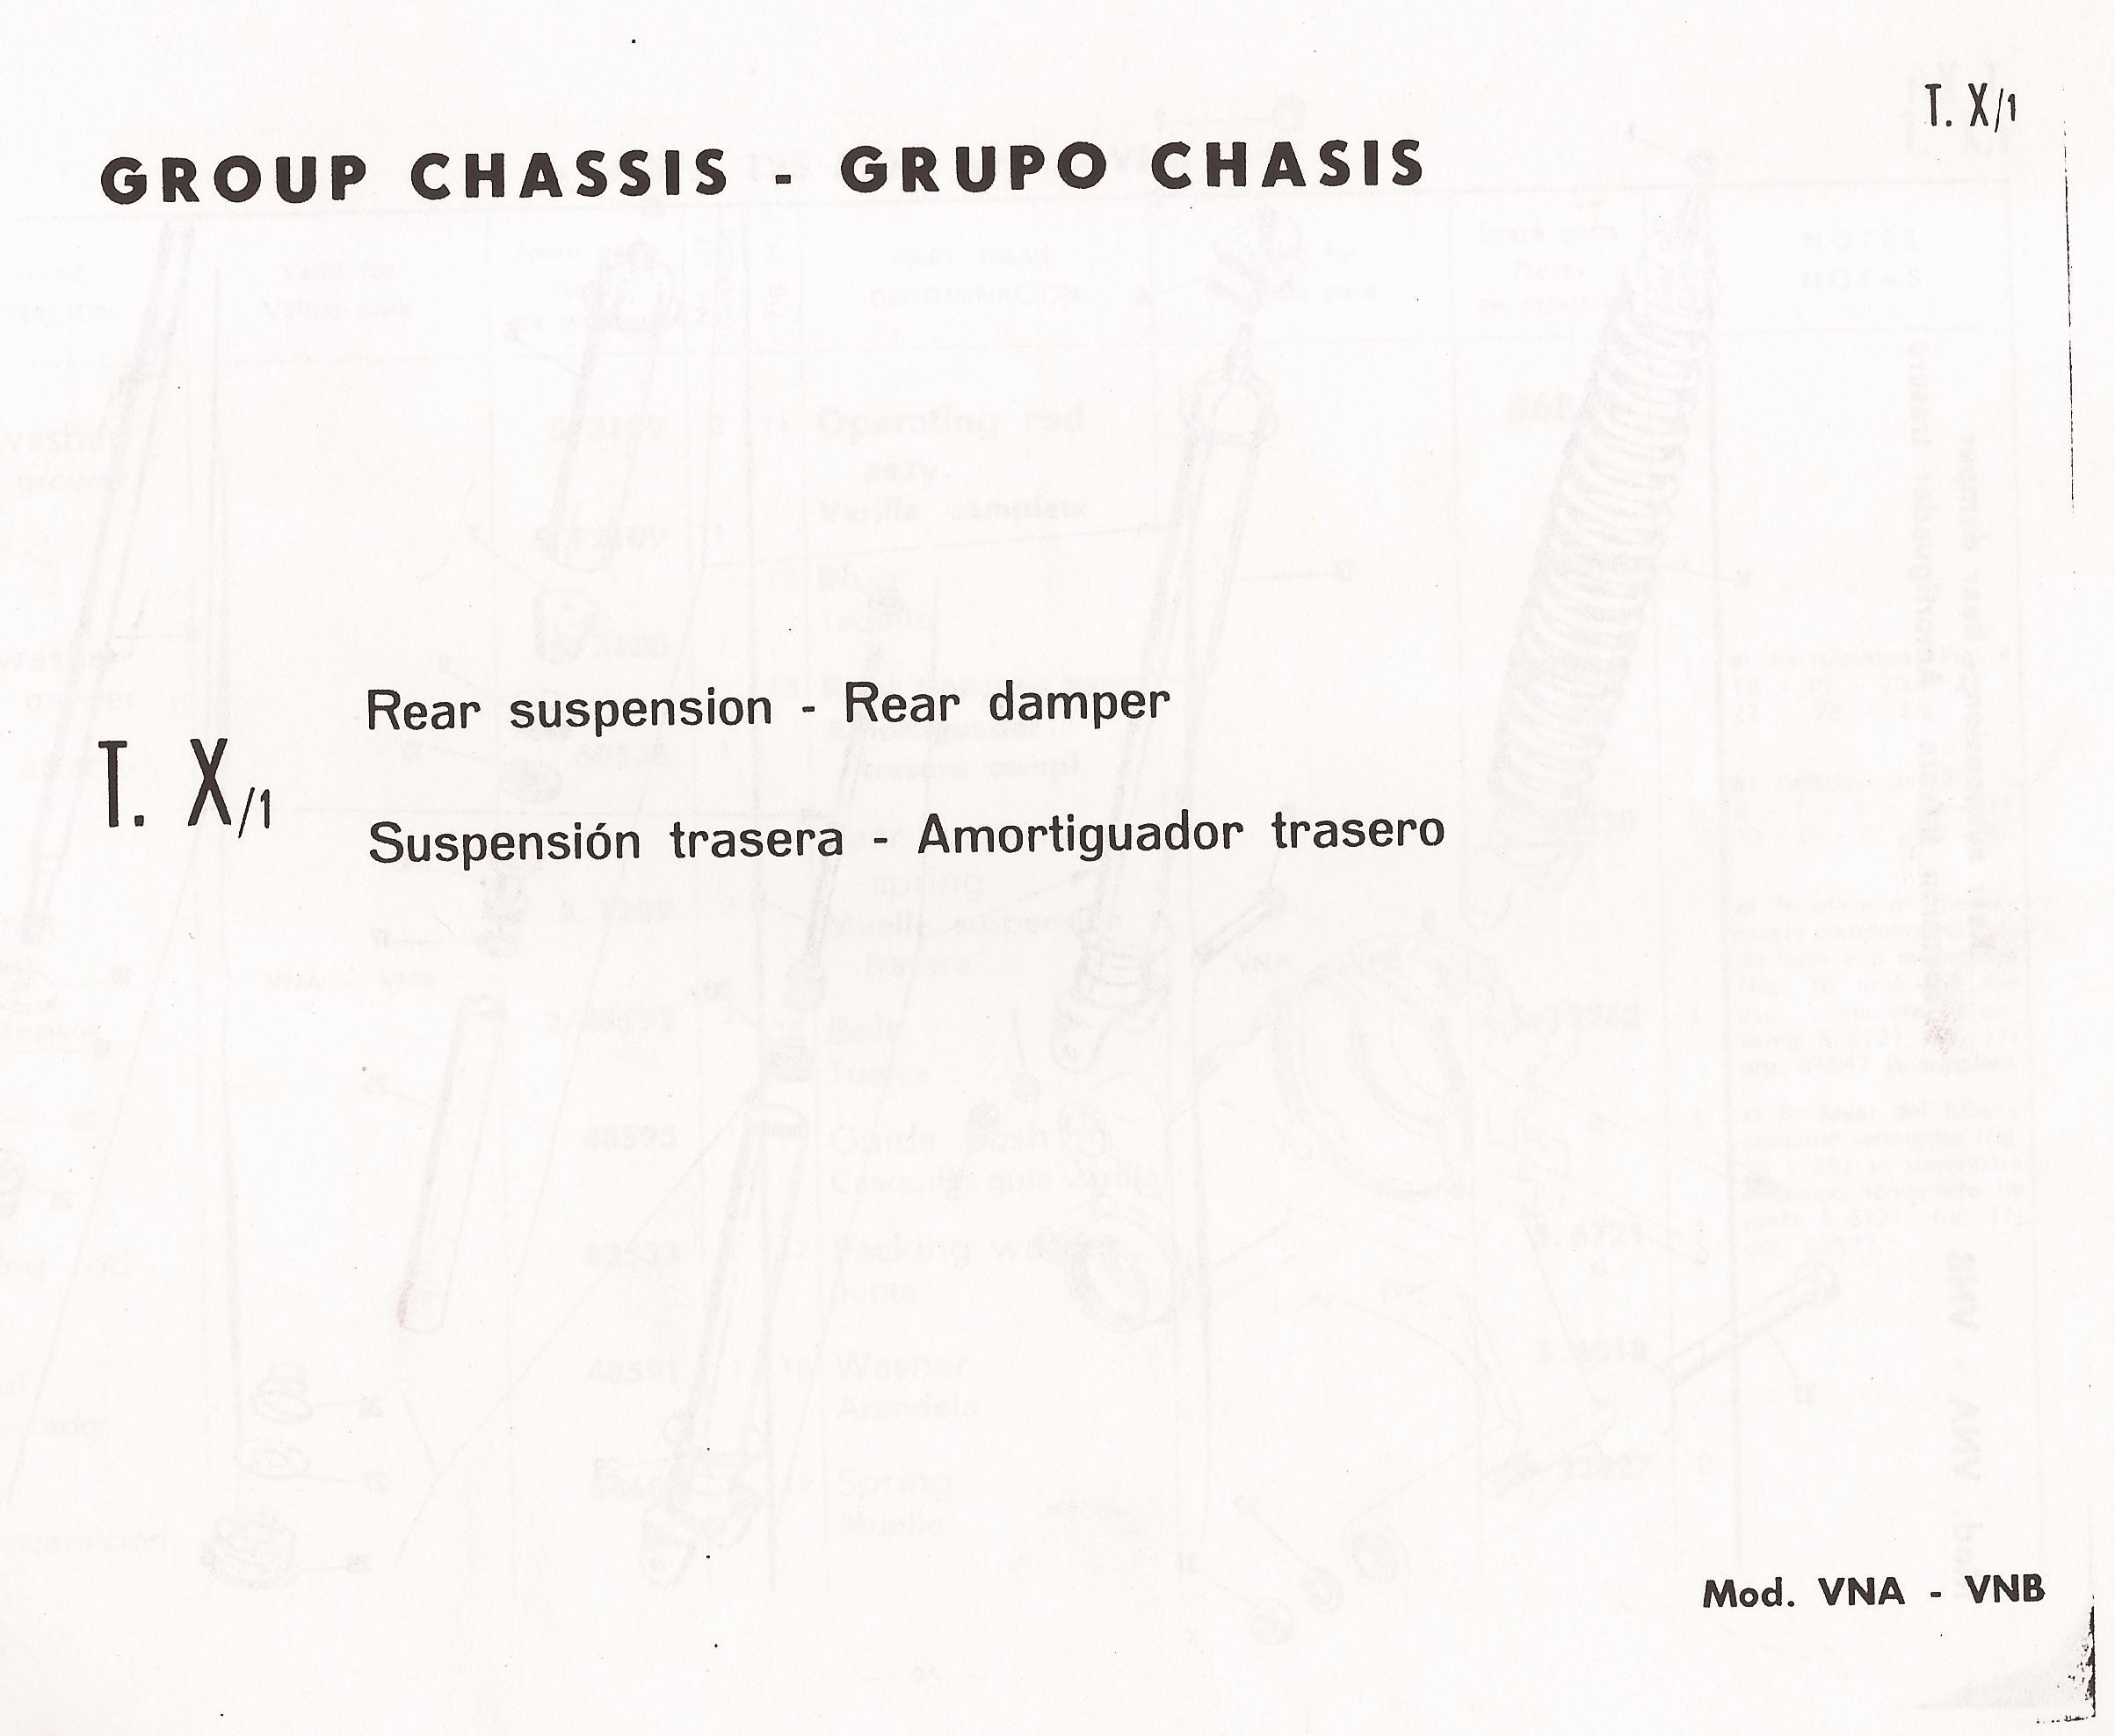 07-16-2013 vespa 125 catalog manuel 95.jpg